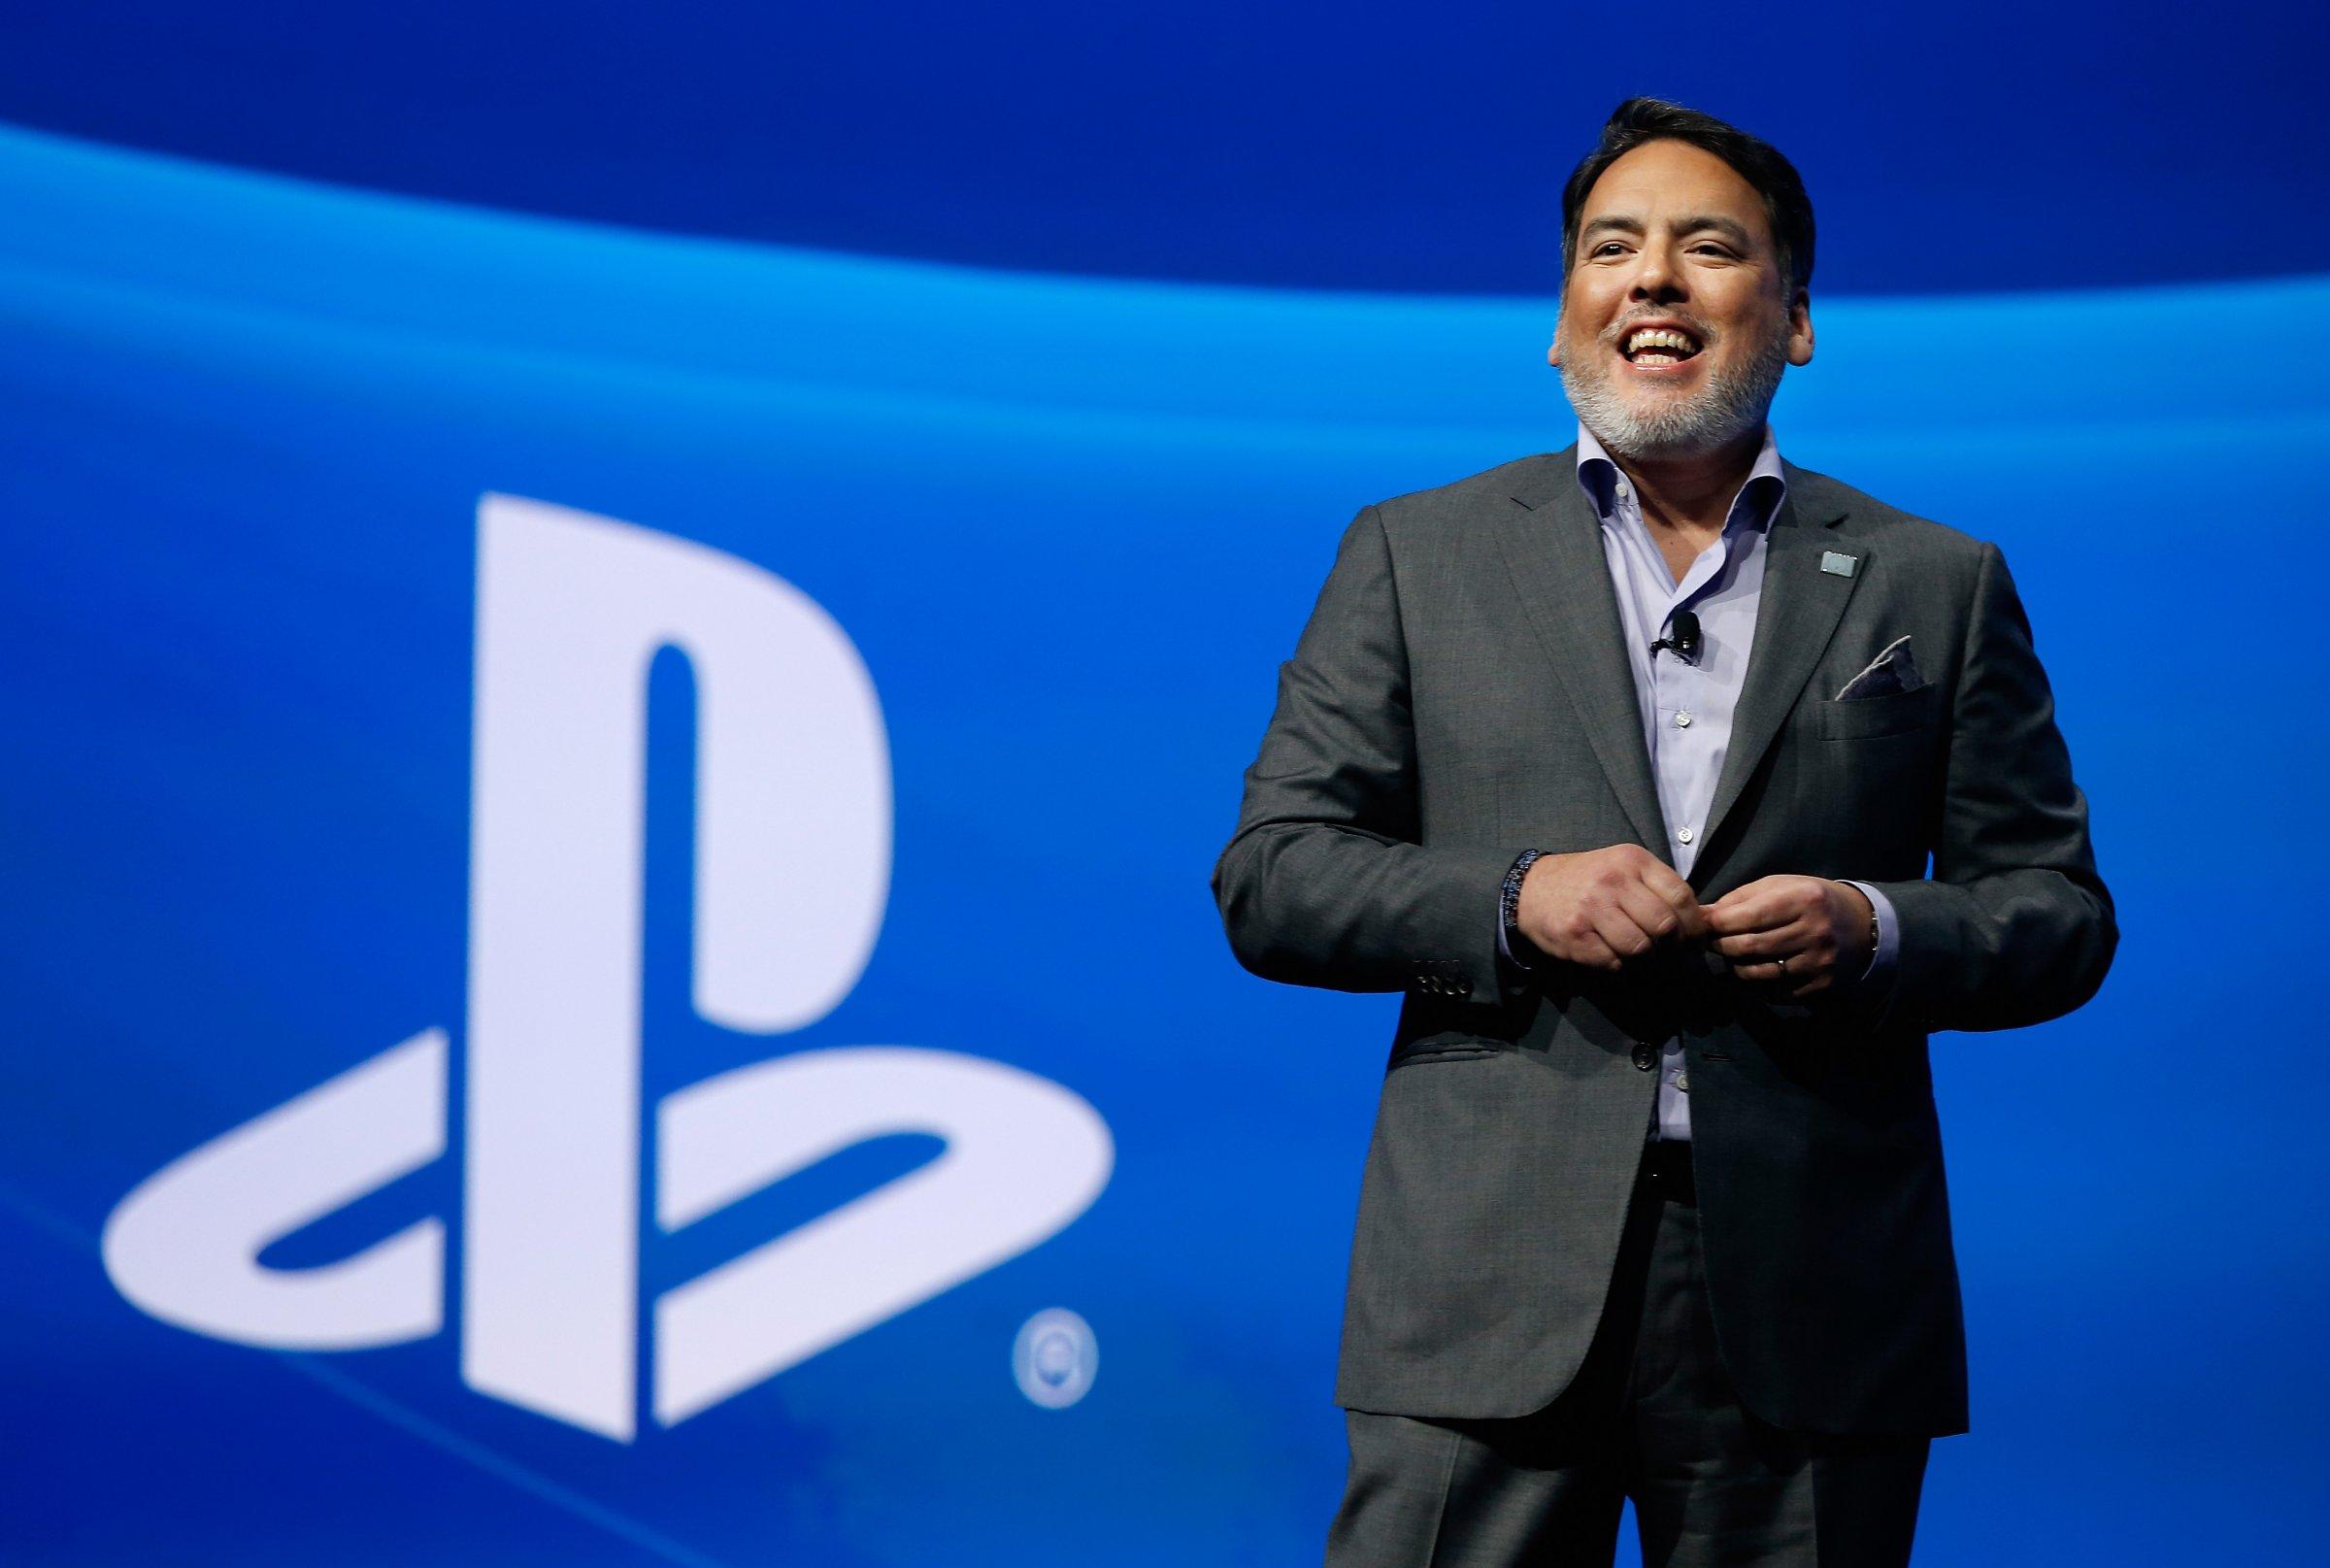 Shawn Layden quitte Sony après 32 ans de service